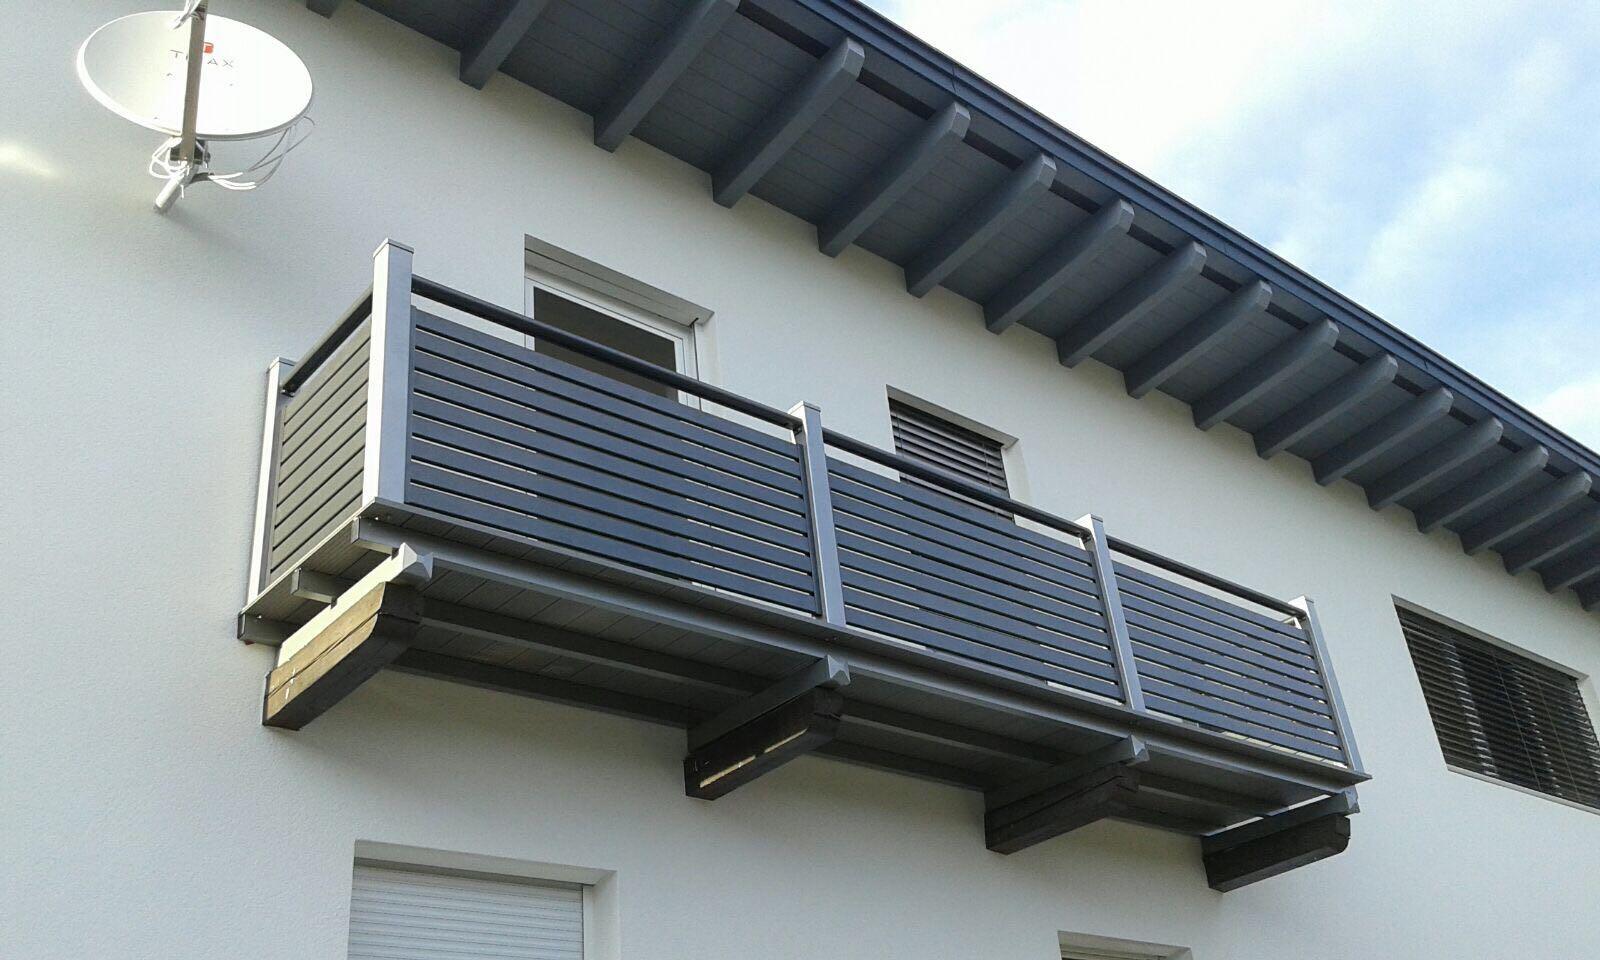 https://0501.nccdn.net/4_2/000/000/00d/f43/Aluminium-Balkon-Noveao-2-1600x960.jpg